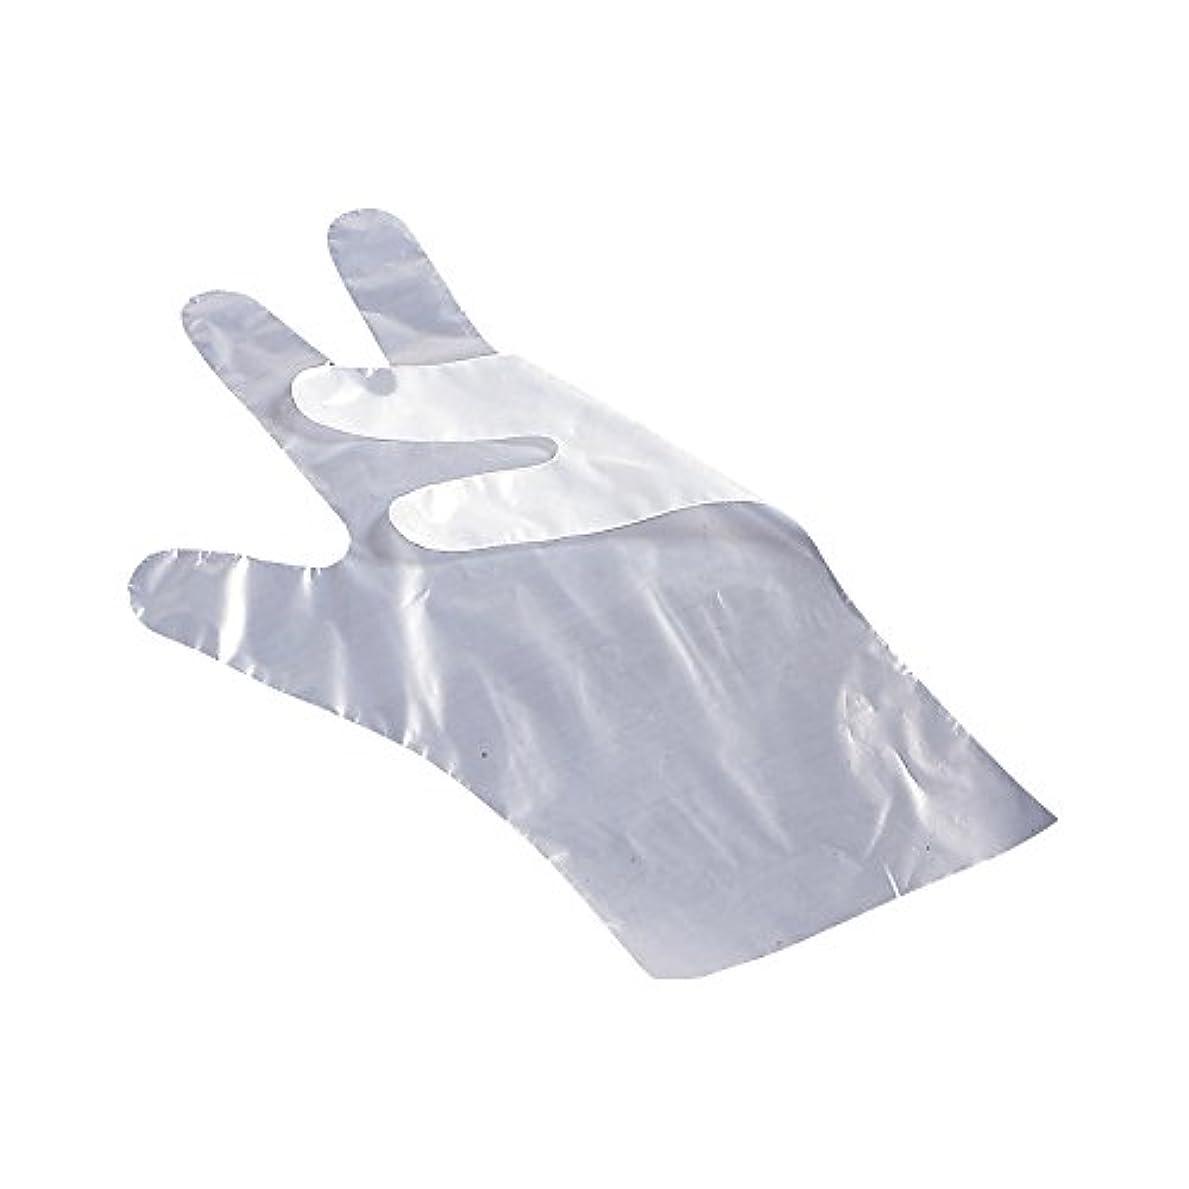 スクランブル首独立してサクラメンエンボス手袋 デラックス 白 S 100枚入